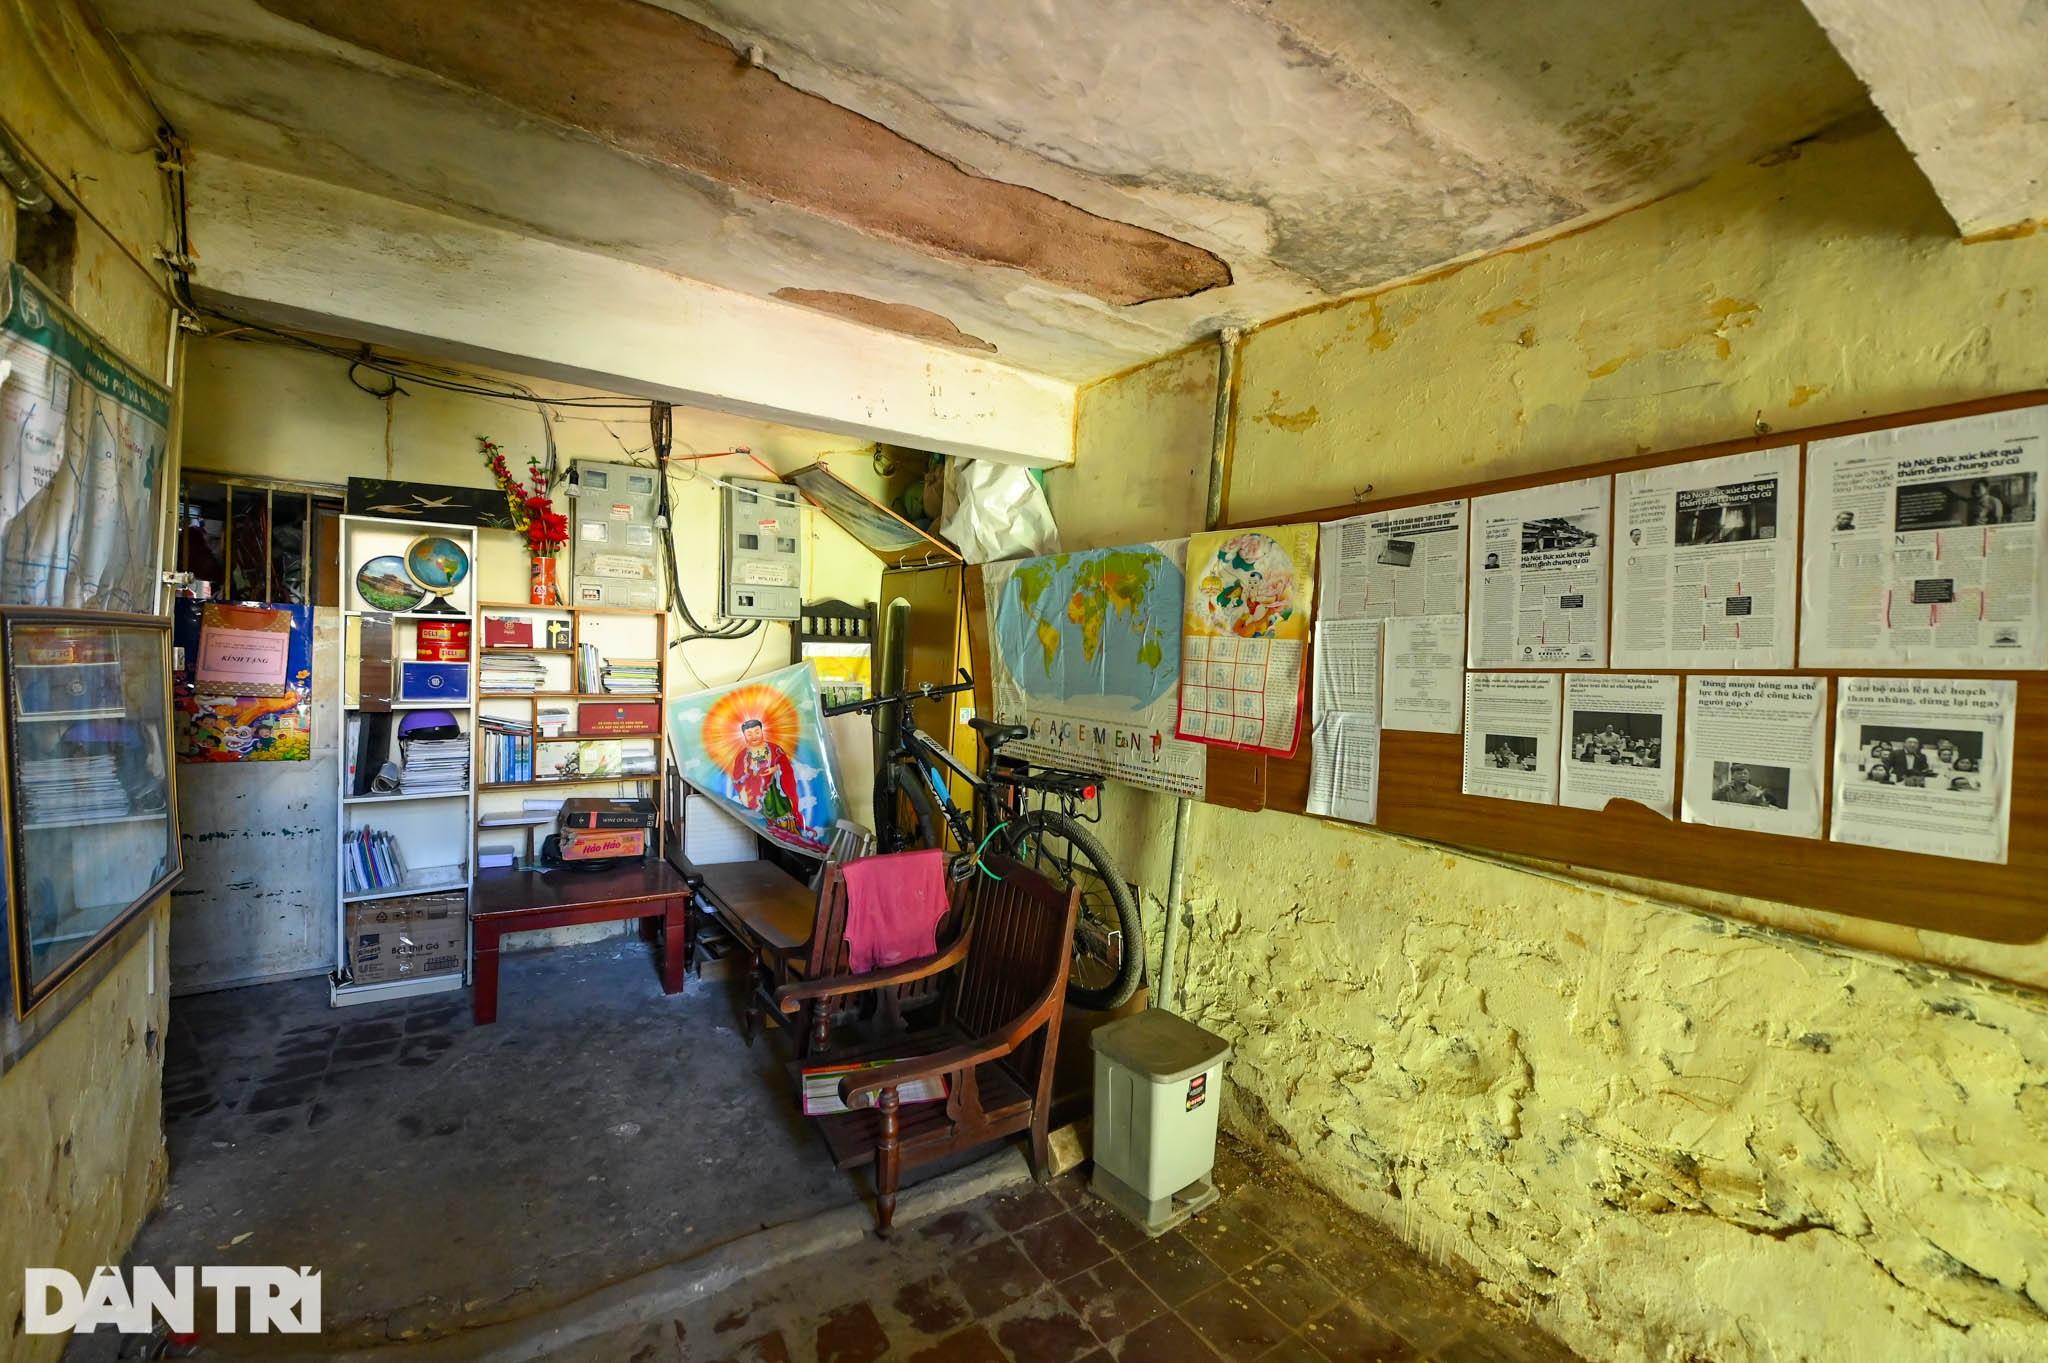 Nhà biến thành hầm ẩm thấp, dột nát tại chung cư tập thể cũ Hà Nội - 14